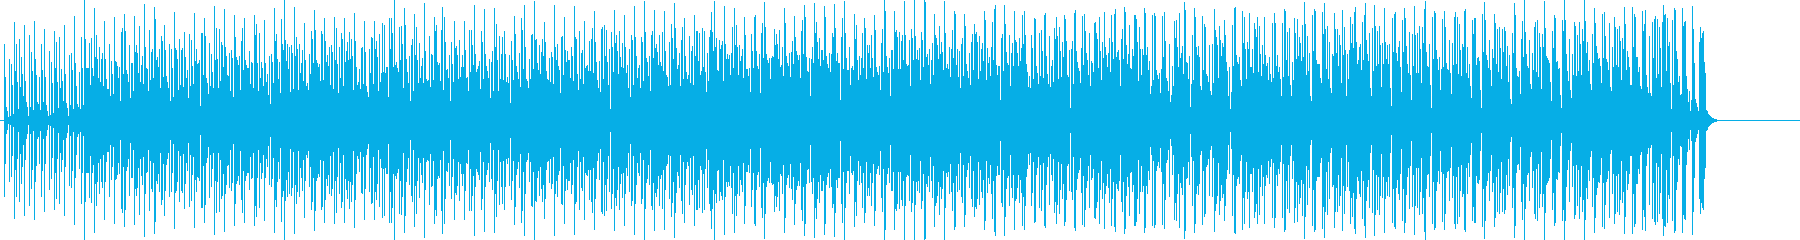 ボサノバ おしゃれ いきいきの再生済みの波形